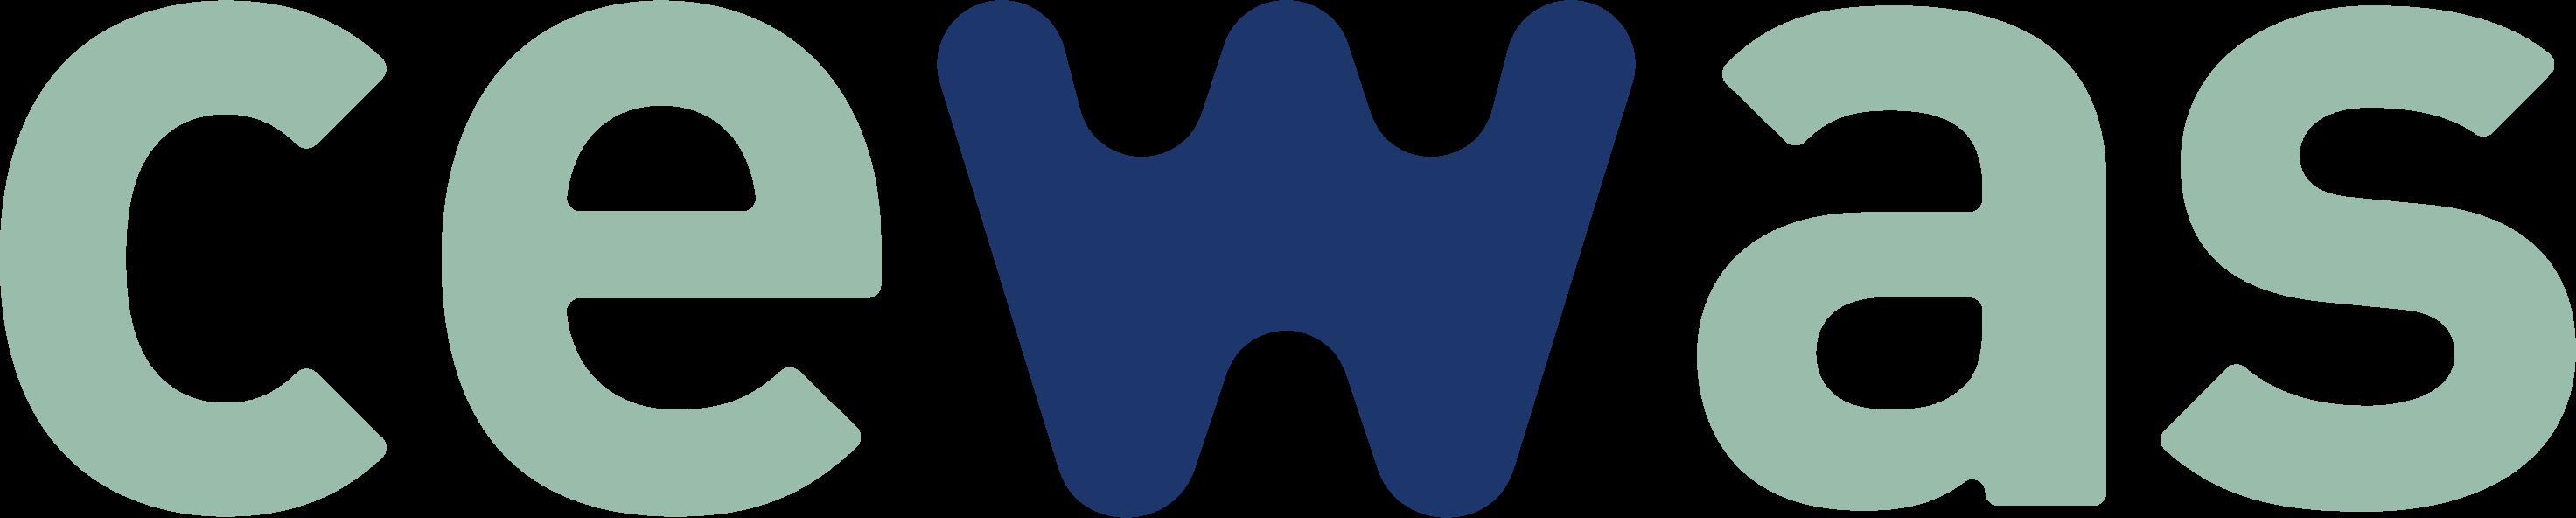 cewas global logo